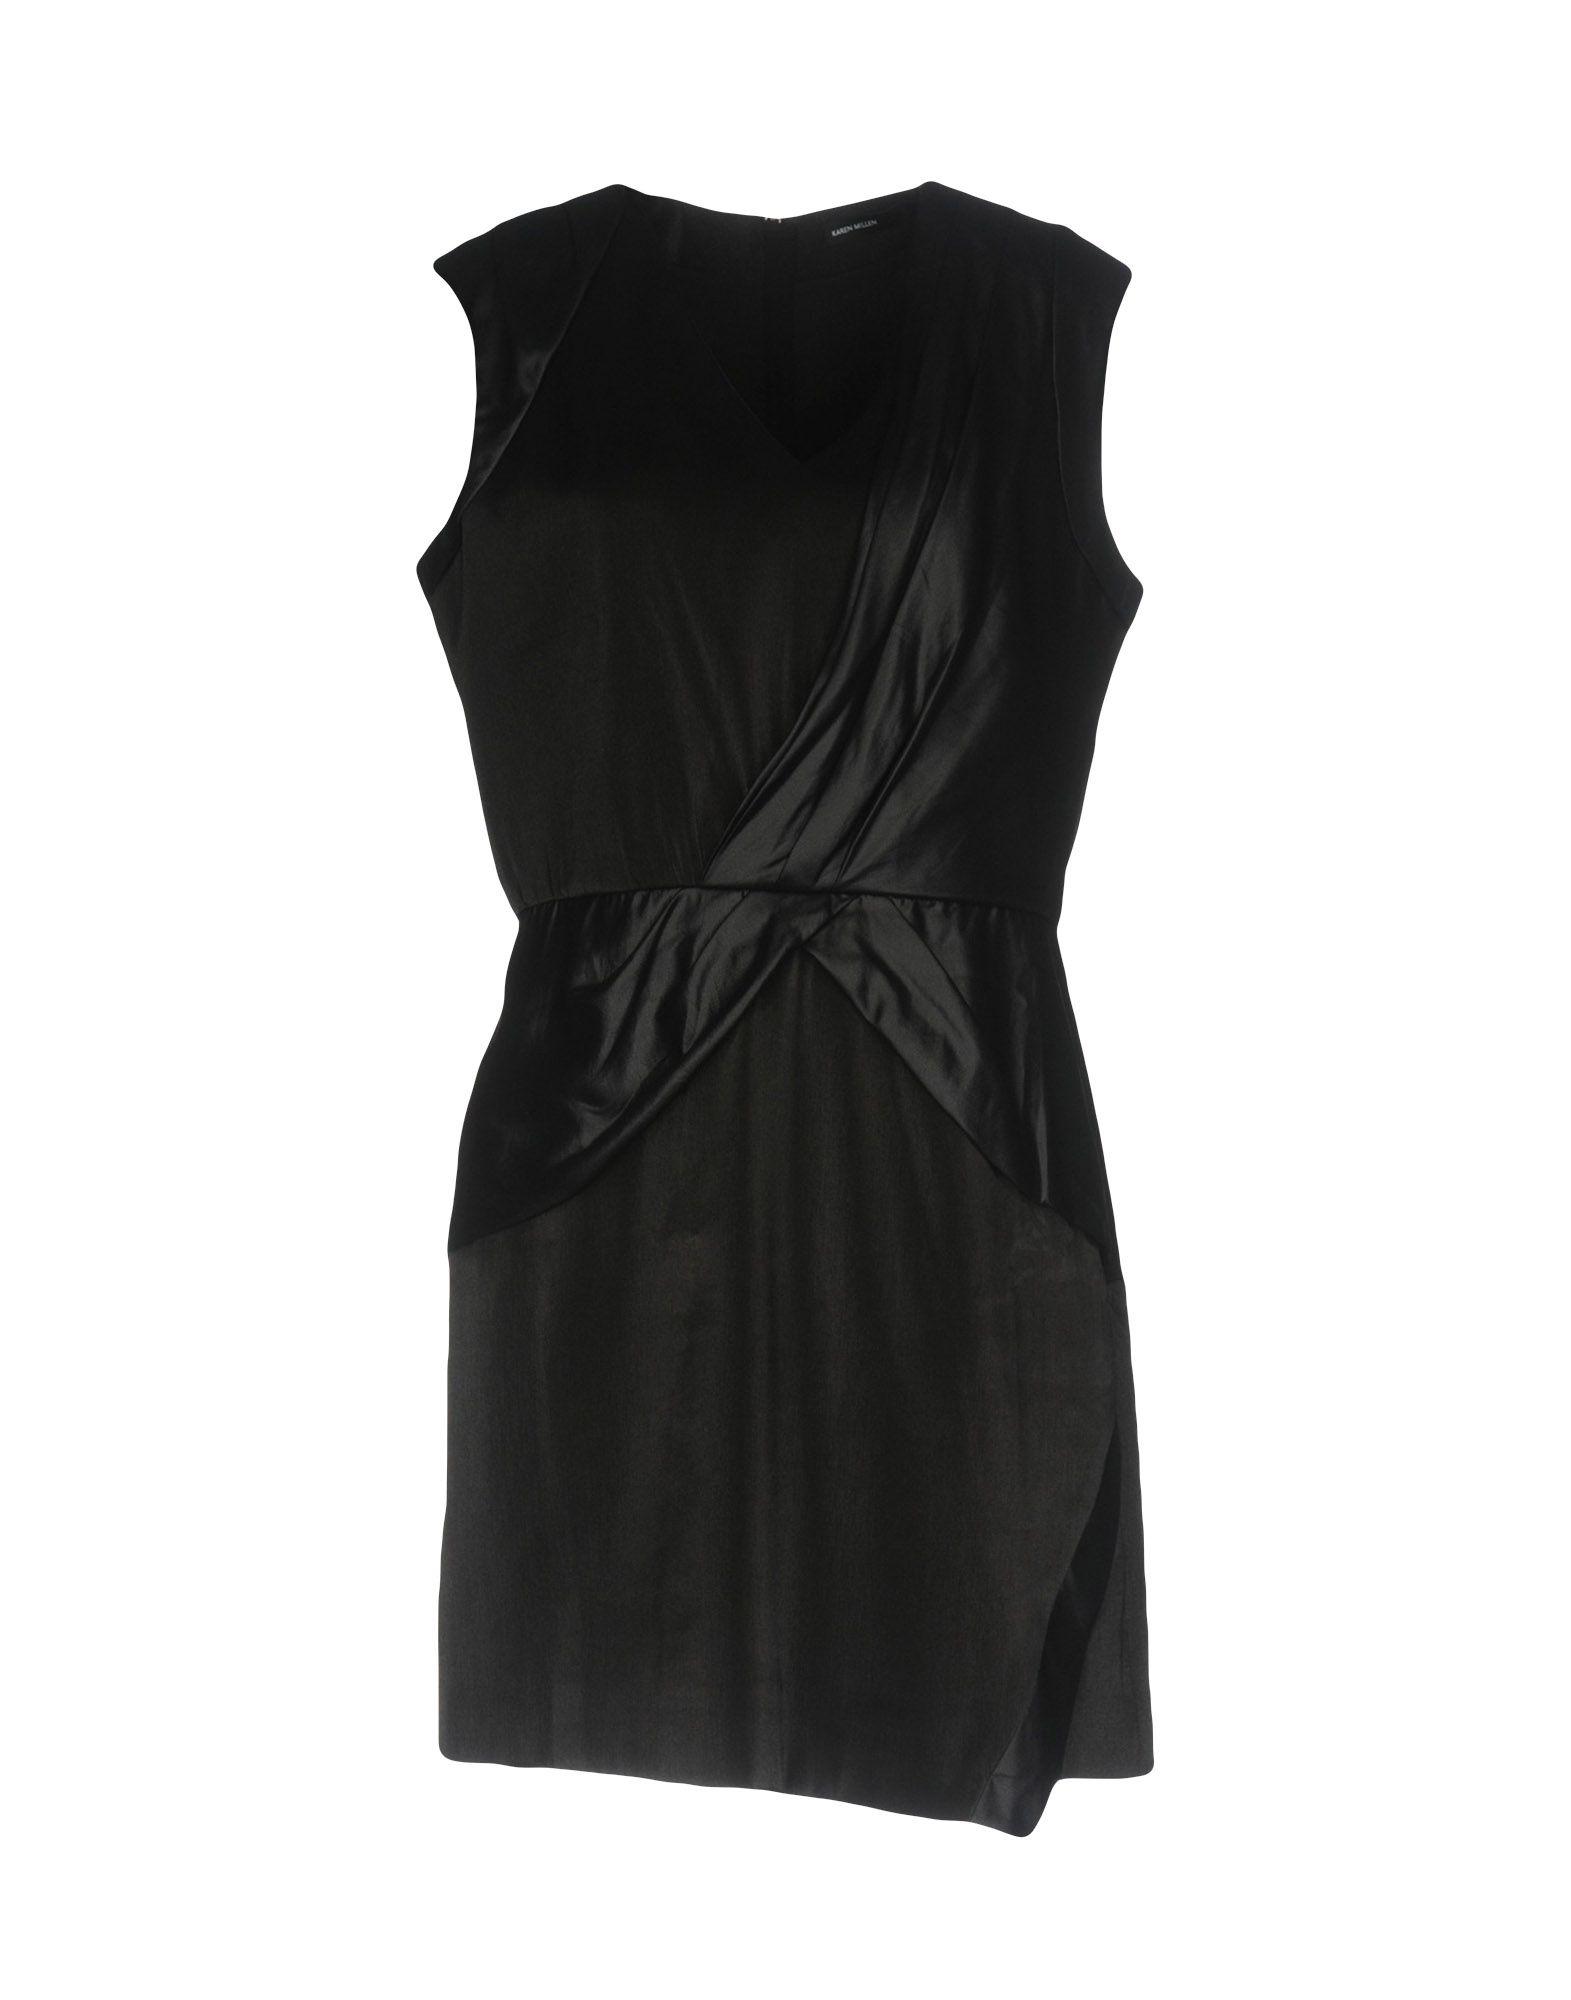 цены на KAREN MILLEN Короткое платье в интернет-магазинах